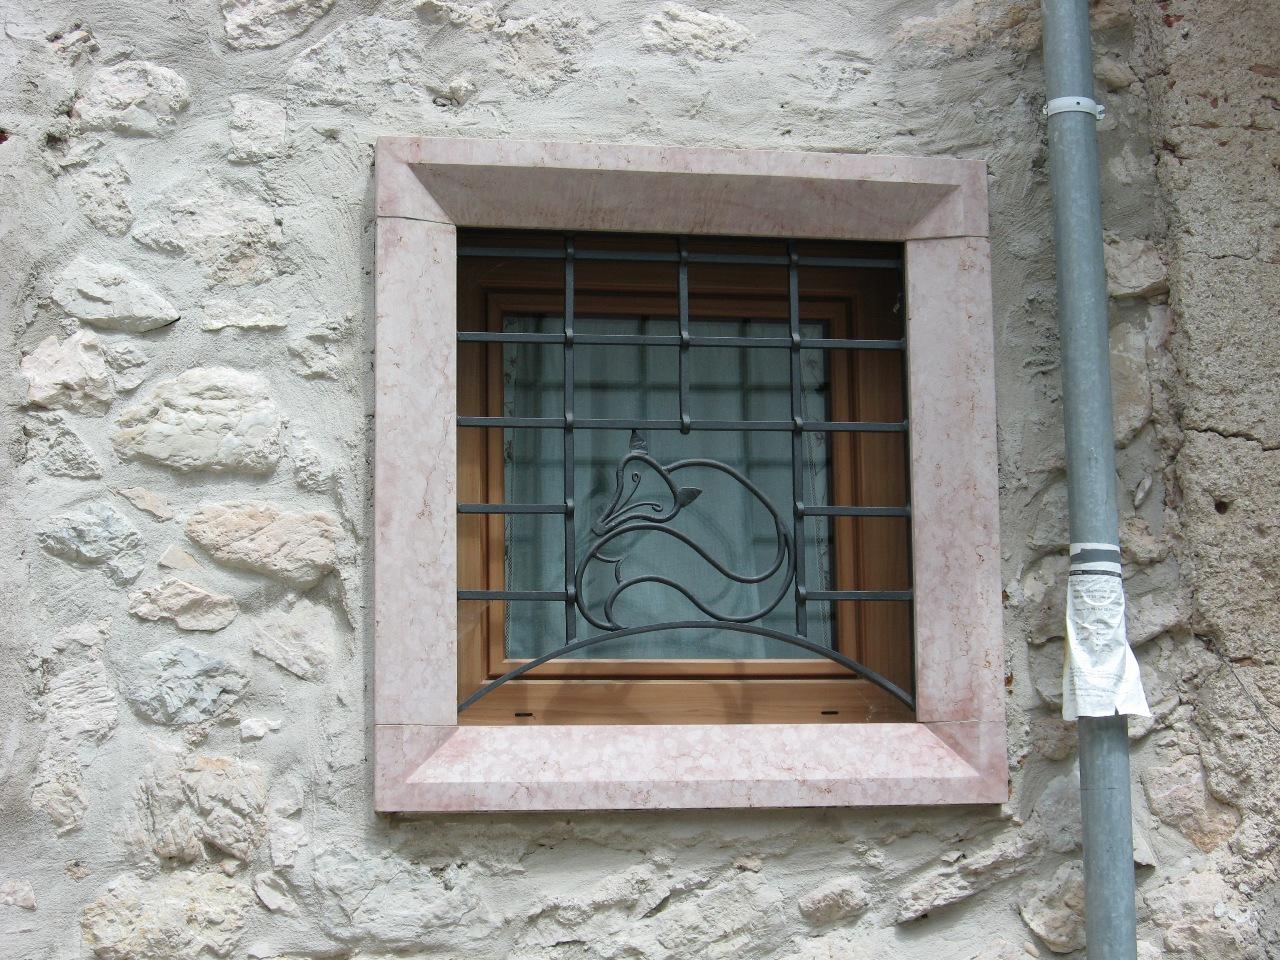 Originepietra il progetto in marmo o pietra su misura per te origine pietra - Pietra per soglie finestre ...